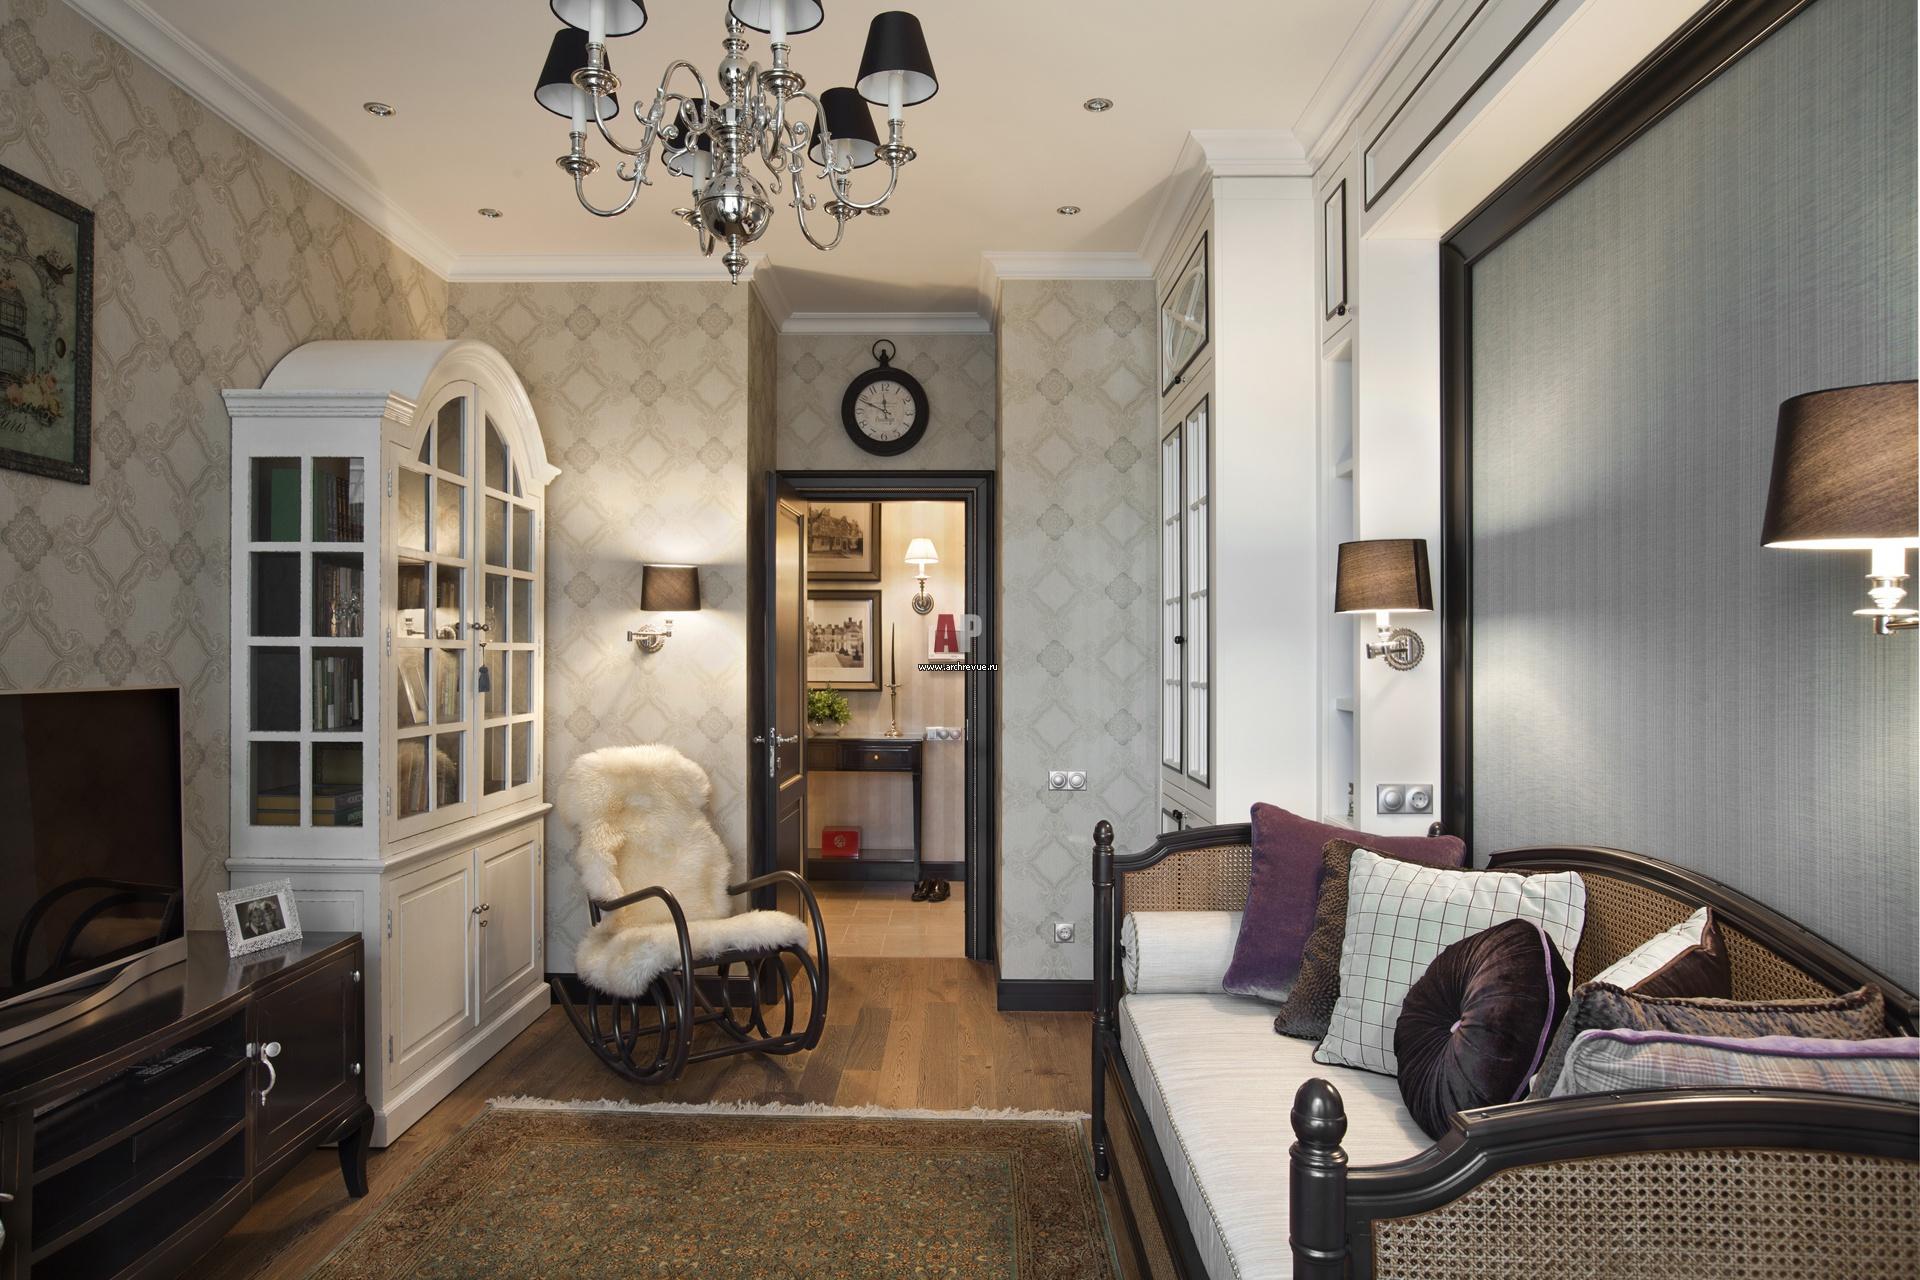 Дизайн гостиной в хрущевке  10 фото интерьеров отделка и